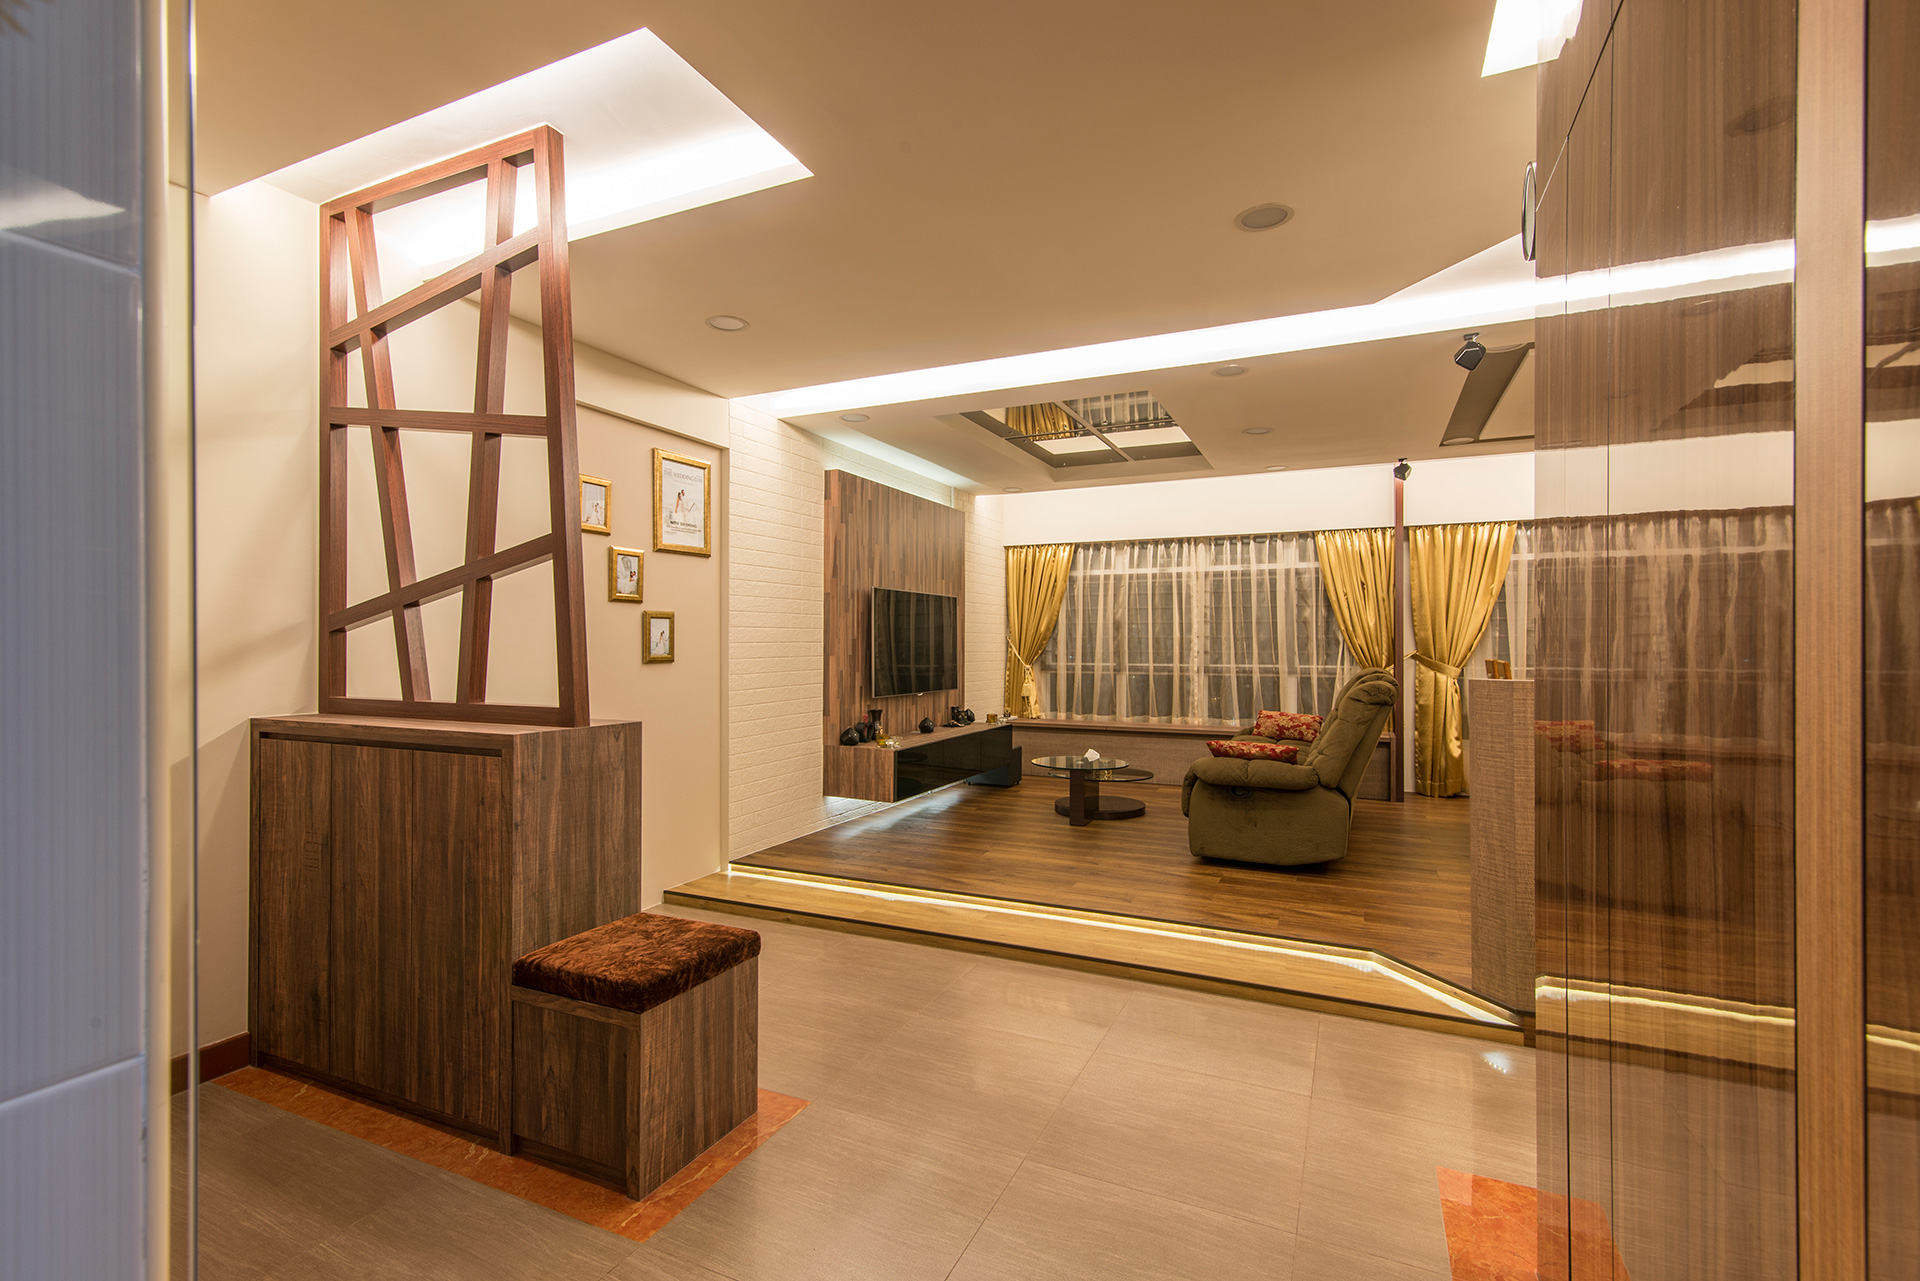 Singapore interior design gallery design details for 5 room flat interior design